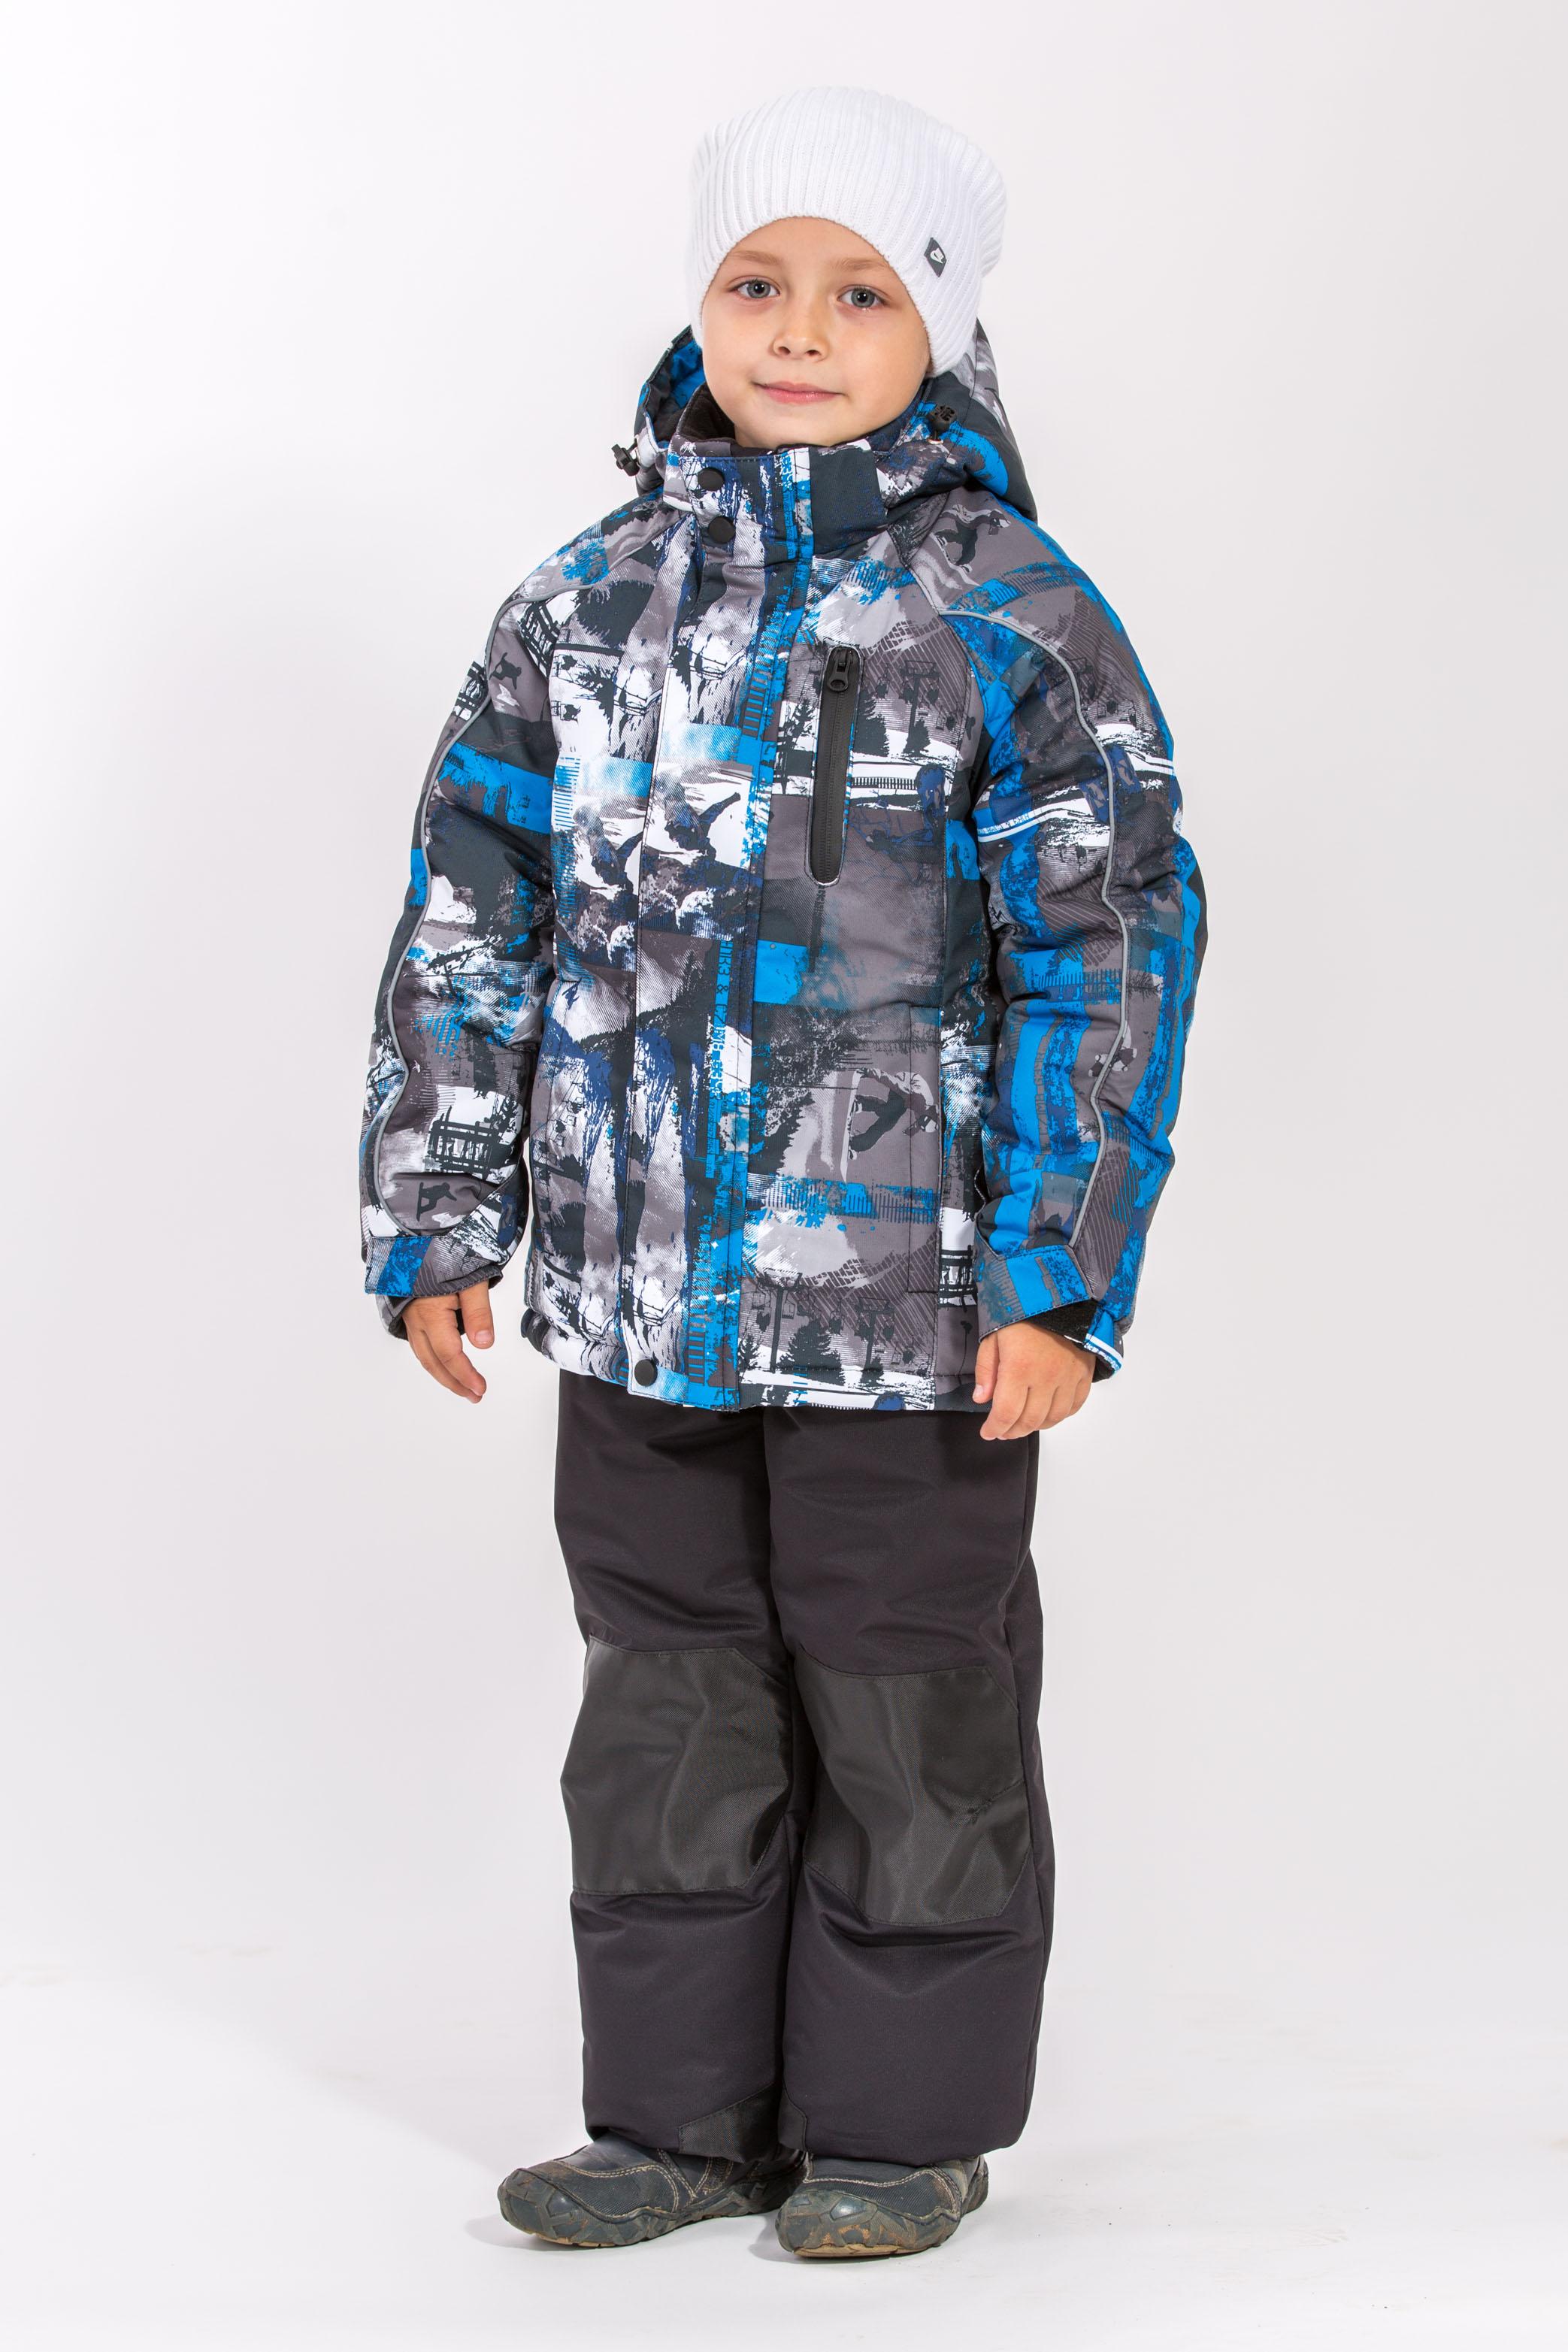 4dbe8dd7ae0 Детский зимний костюм на мембране М-154 в Великих Луках (Детская ...